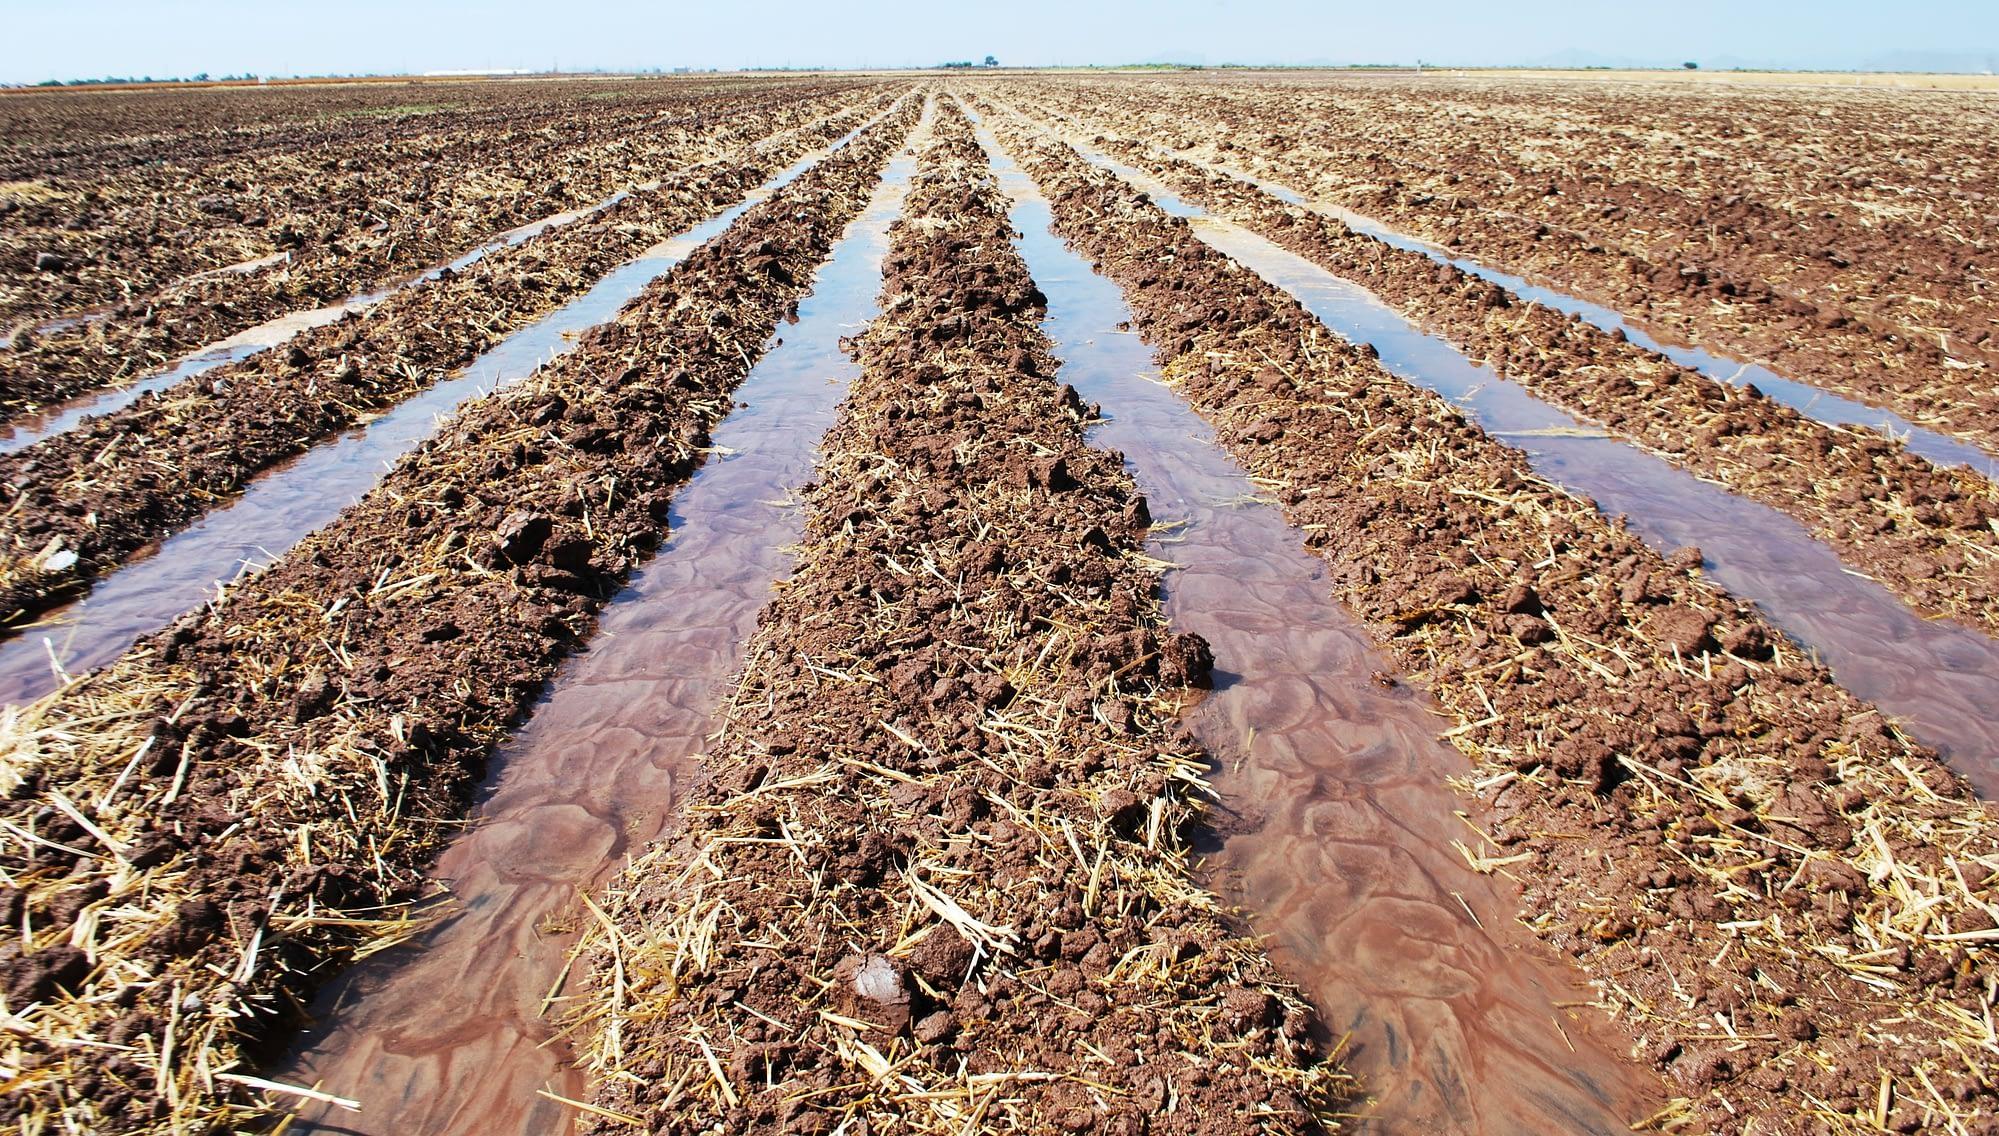 Irrigated fields in Cuidad Obregon.